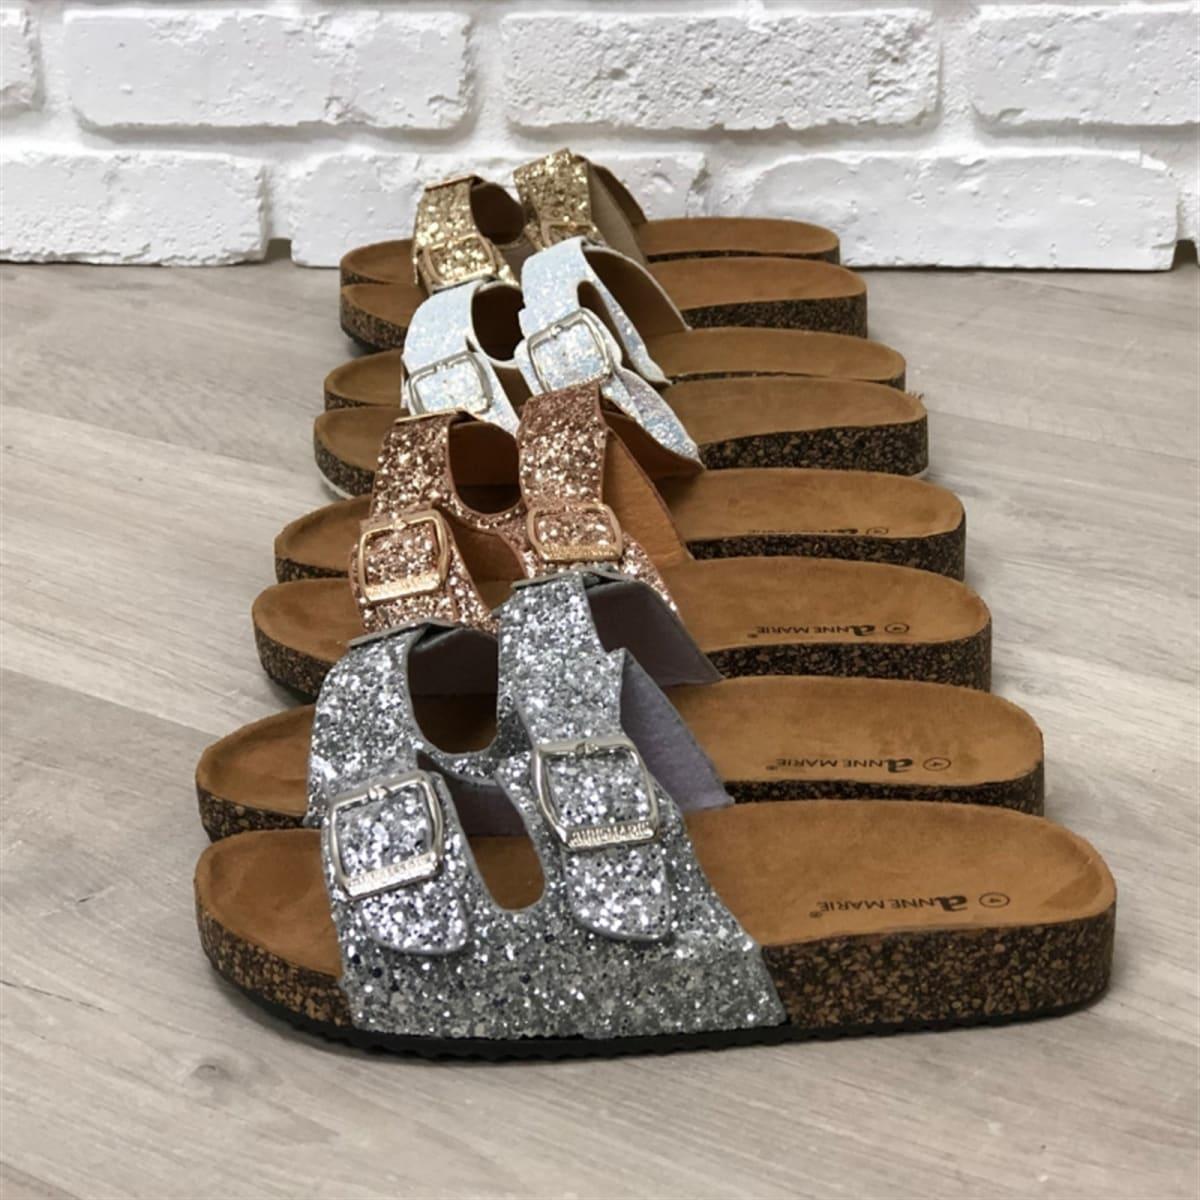 96cd5d4e08cb Kids Glitter Two Strap Sandals